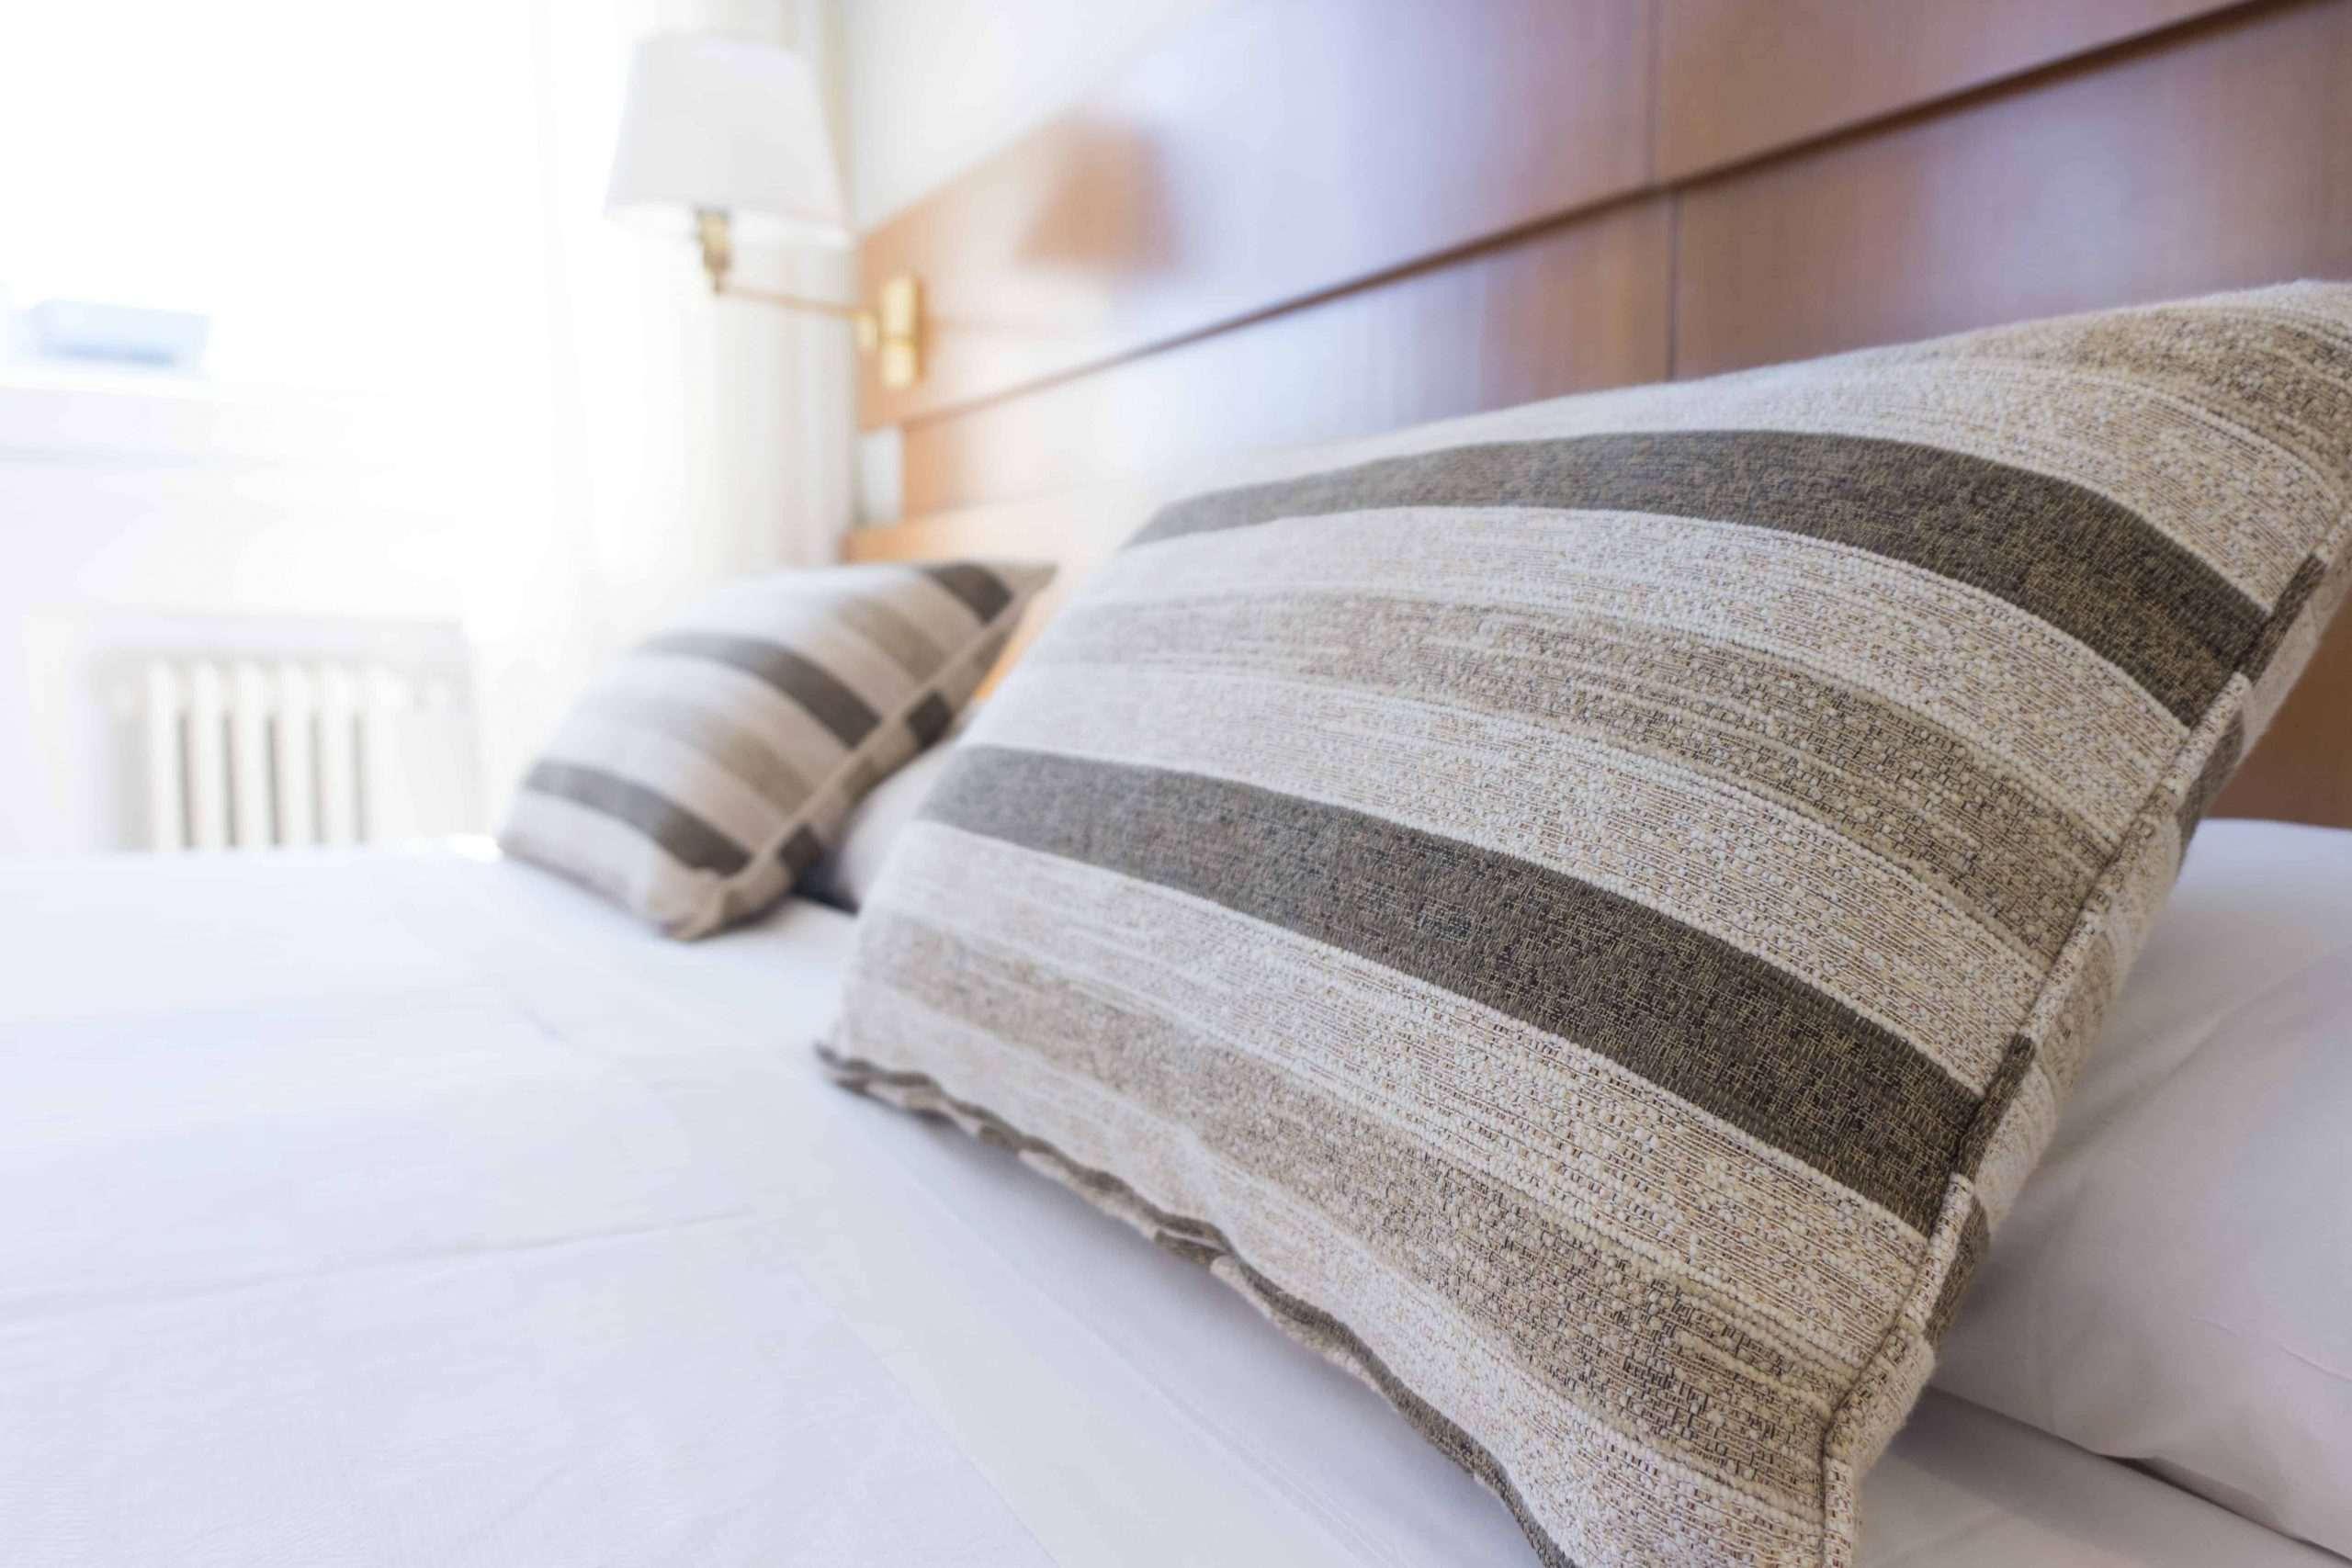 Cabecera de cama: ¿Cuáles son las mejores del 2021?